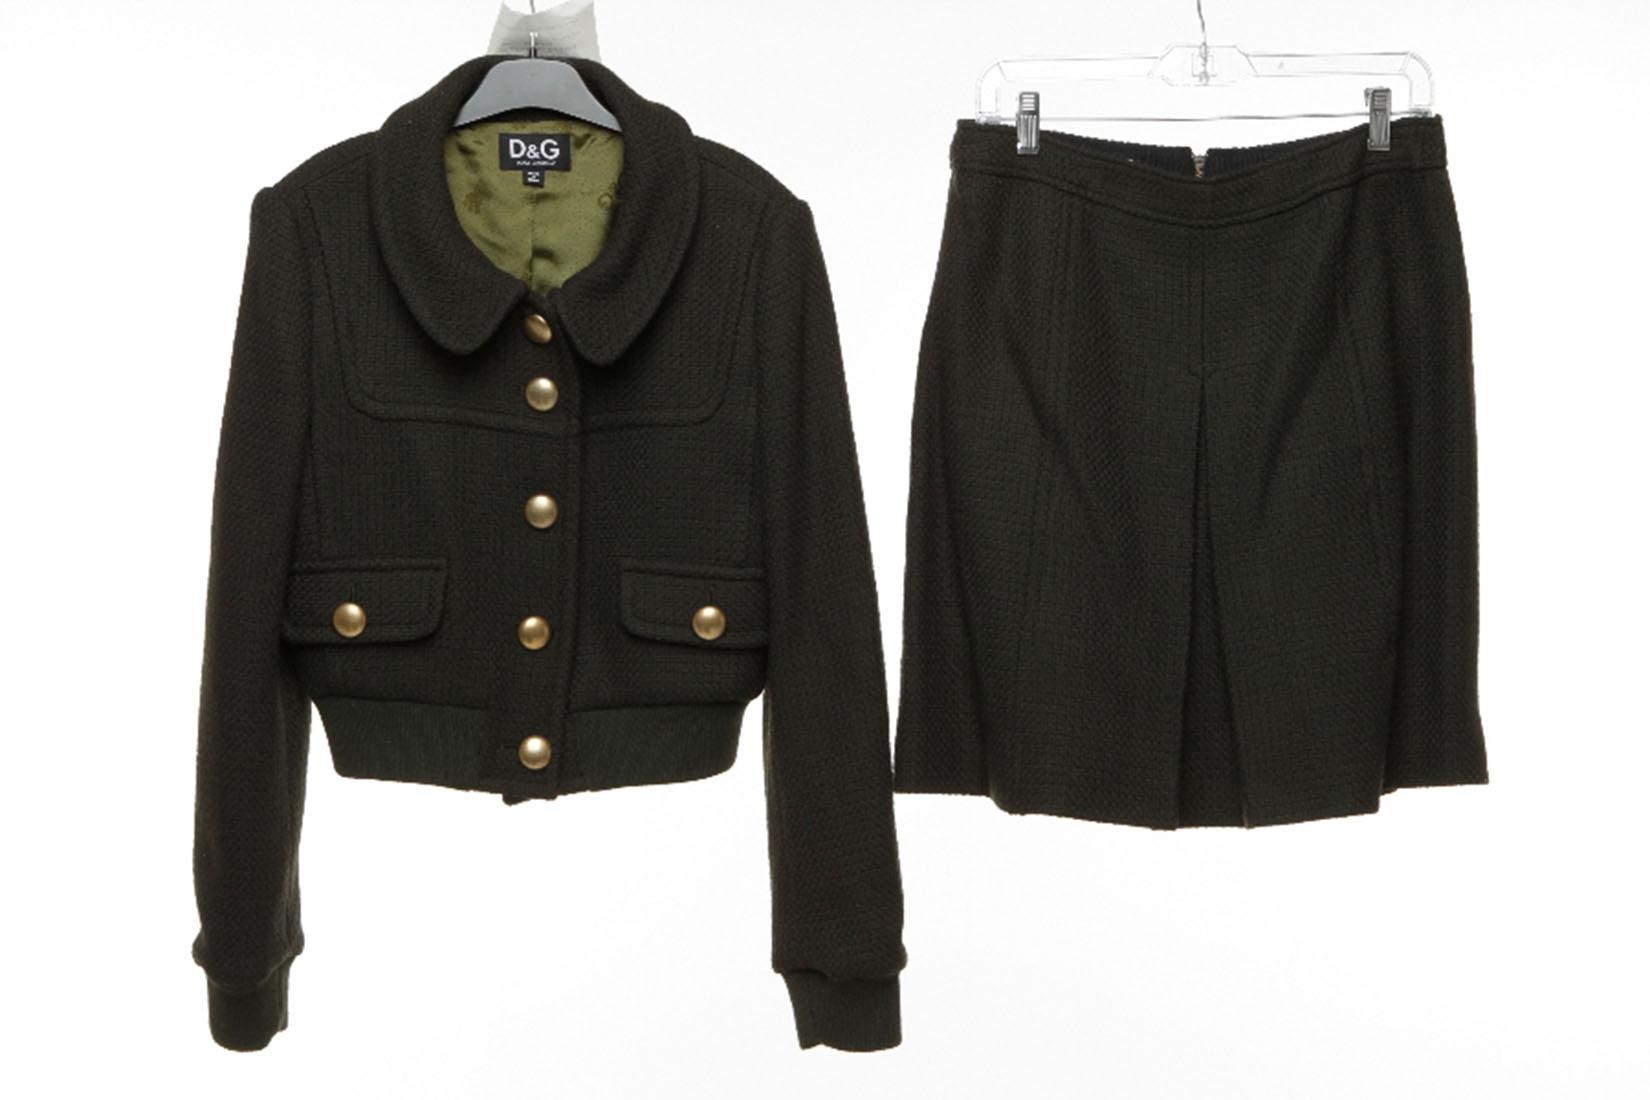 DG Womens Suit Jacket